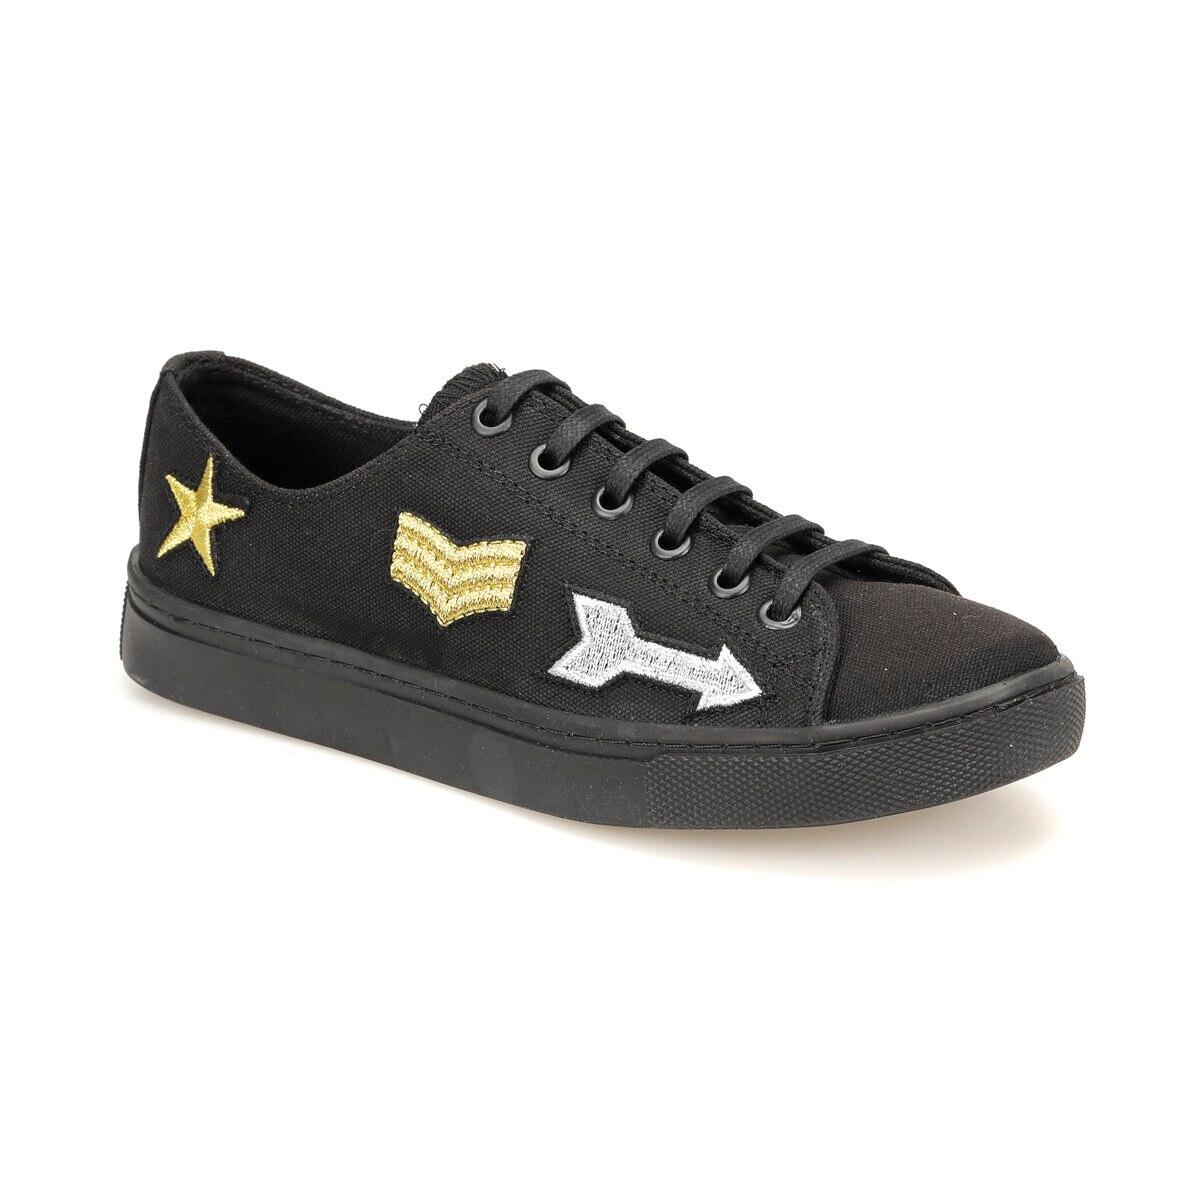 FLO 18S-042 Black Women Shoes BUTIGO